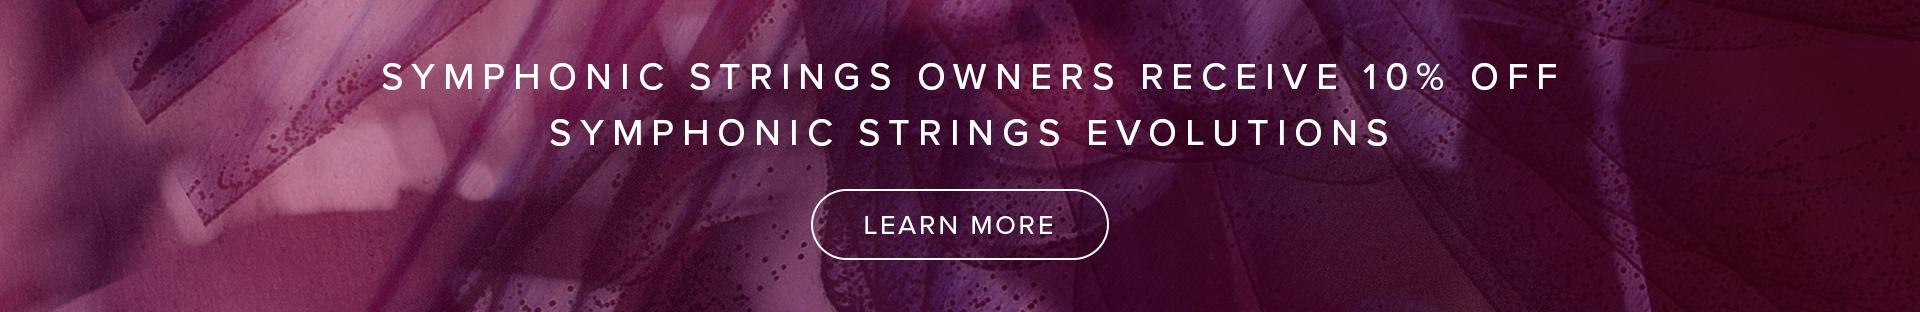 Spitfire Audio — Spitfire Symphonic Strings